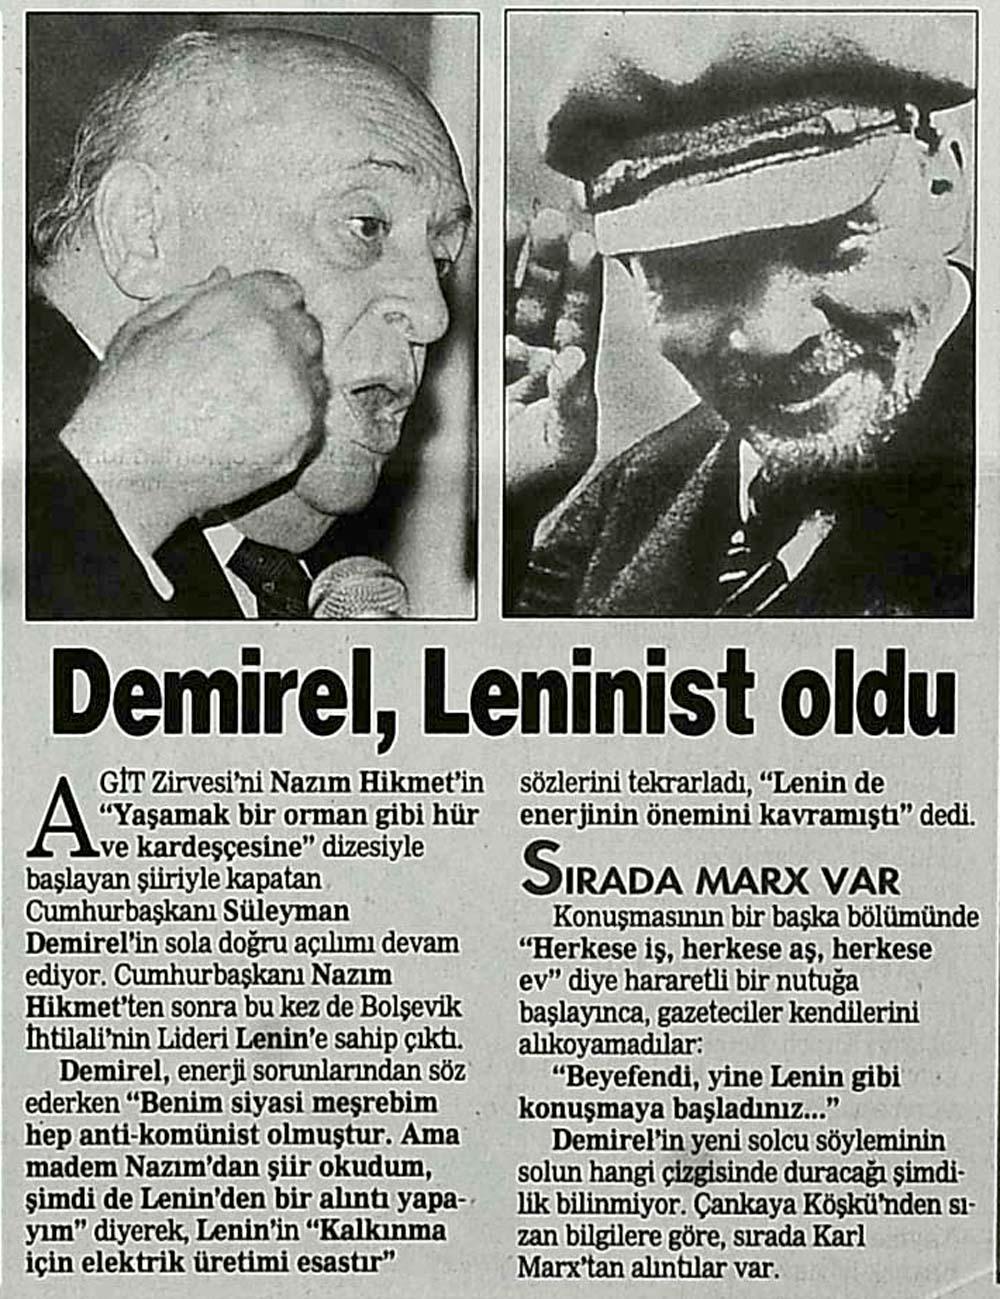 Demirel, Leninist oldu